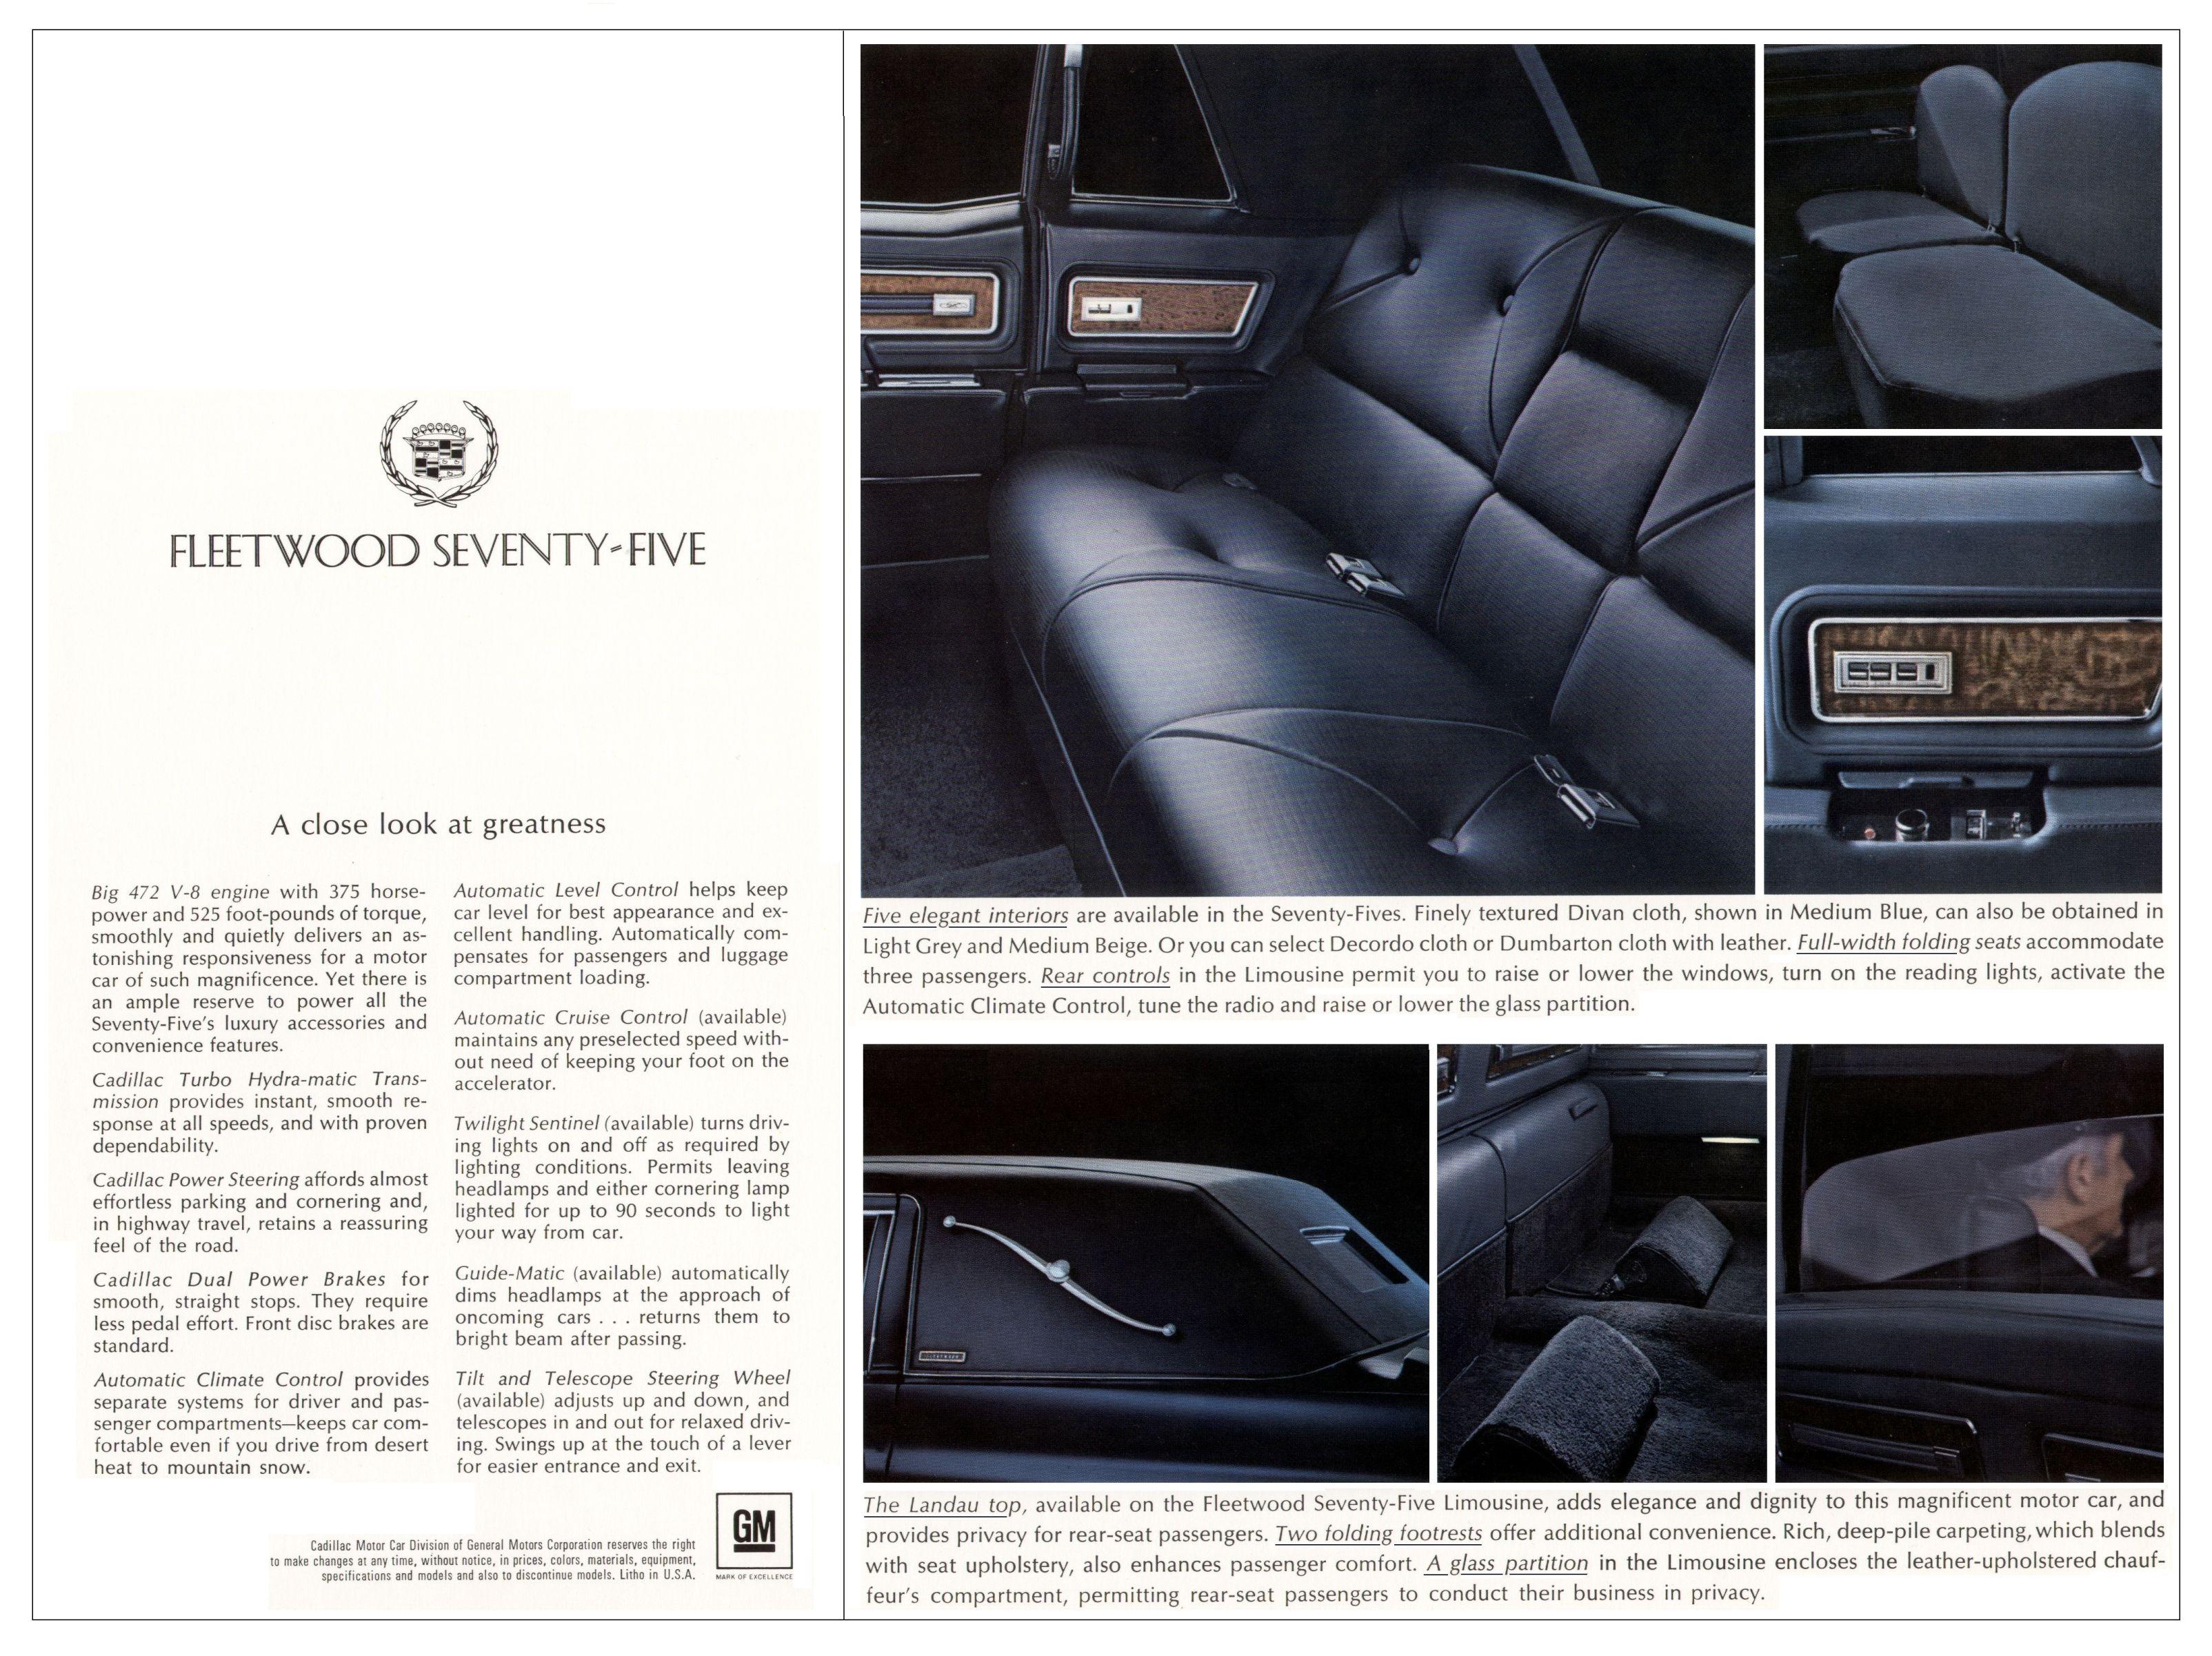 1970 Cadillac Fleetwood 75 Brochure